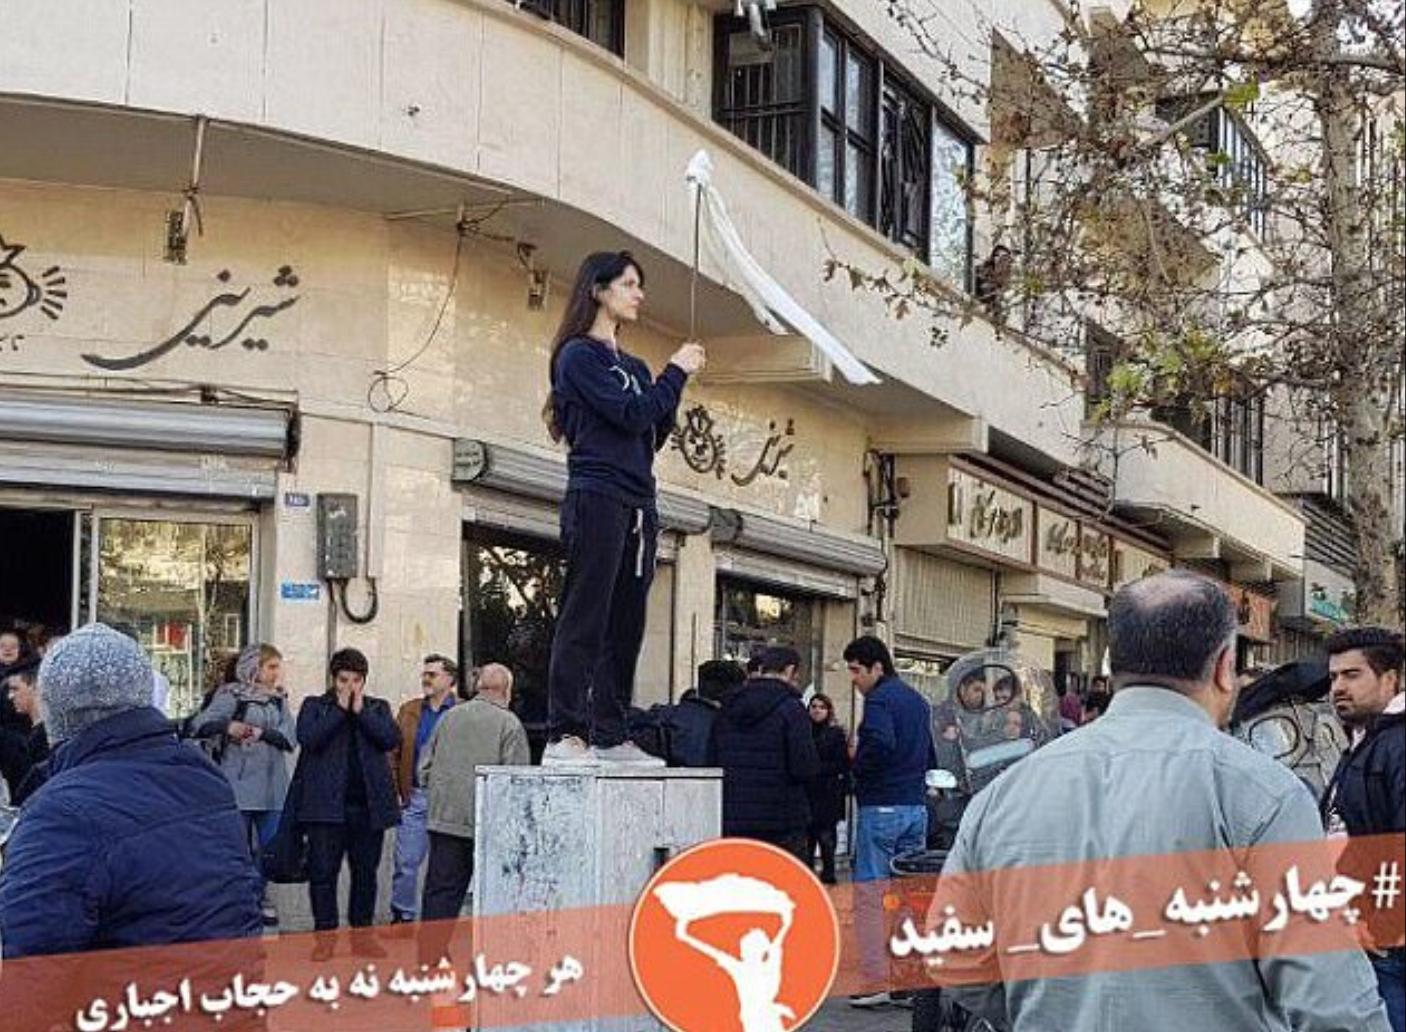 Vida M protesting in Iran